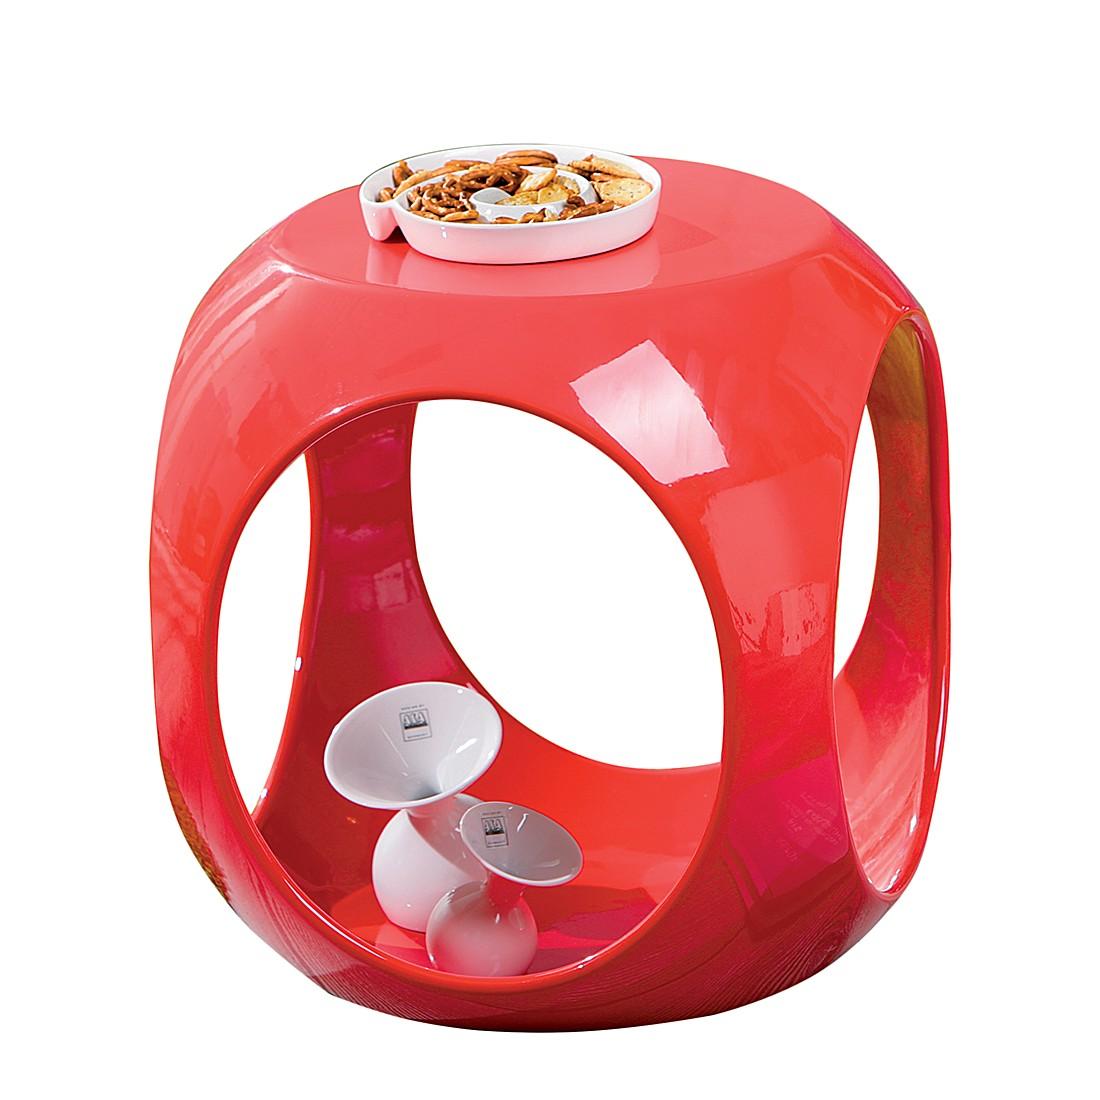 Tavolino Scoop - Rosso lucido, Studio Monroe